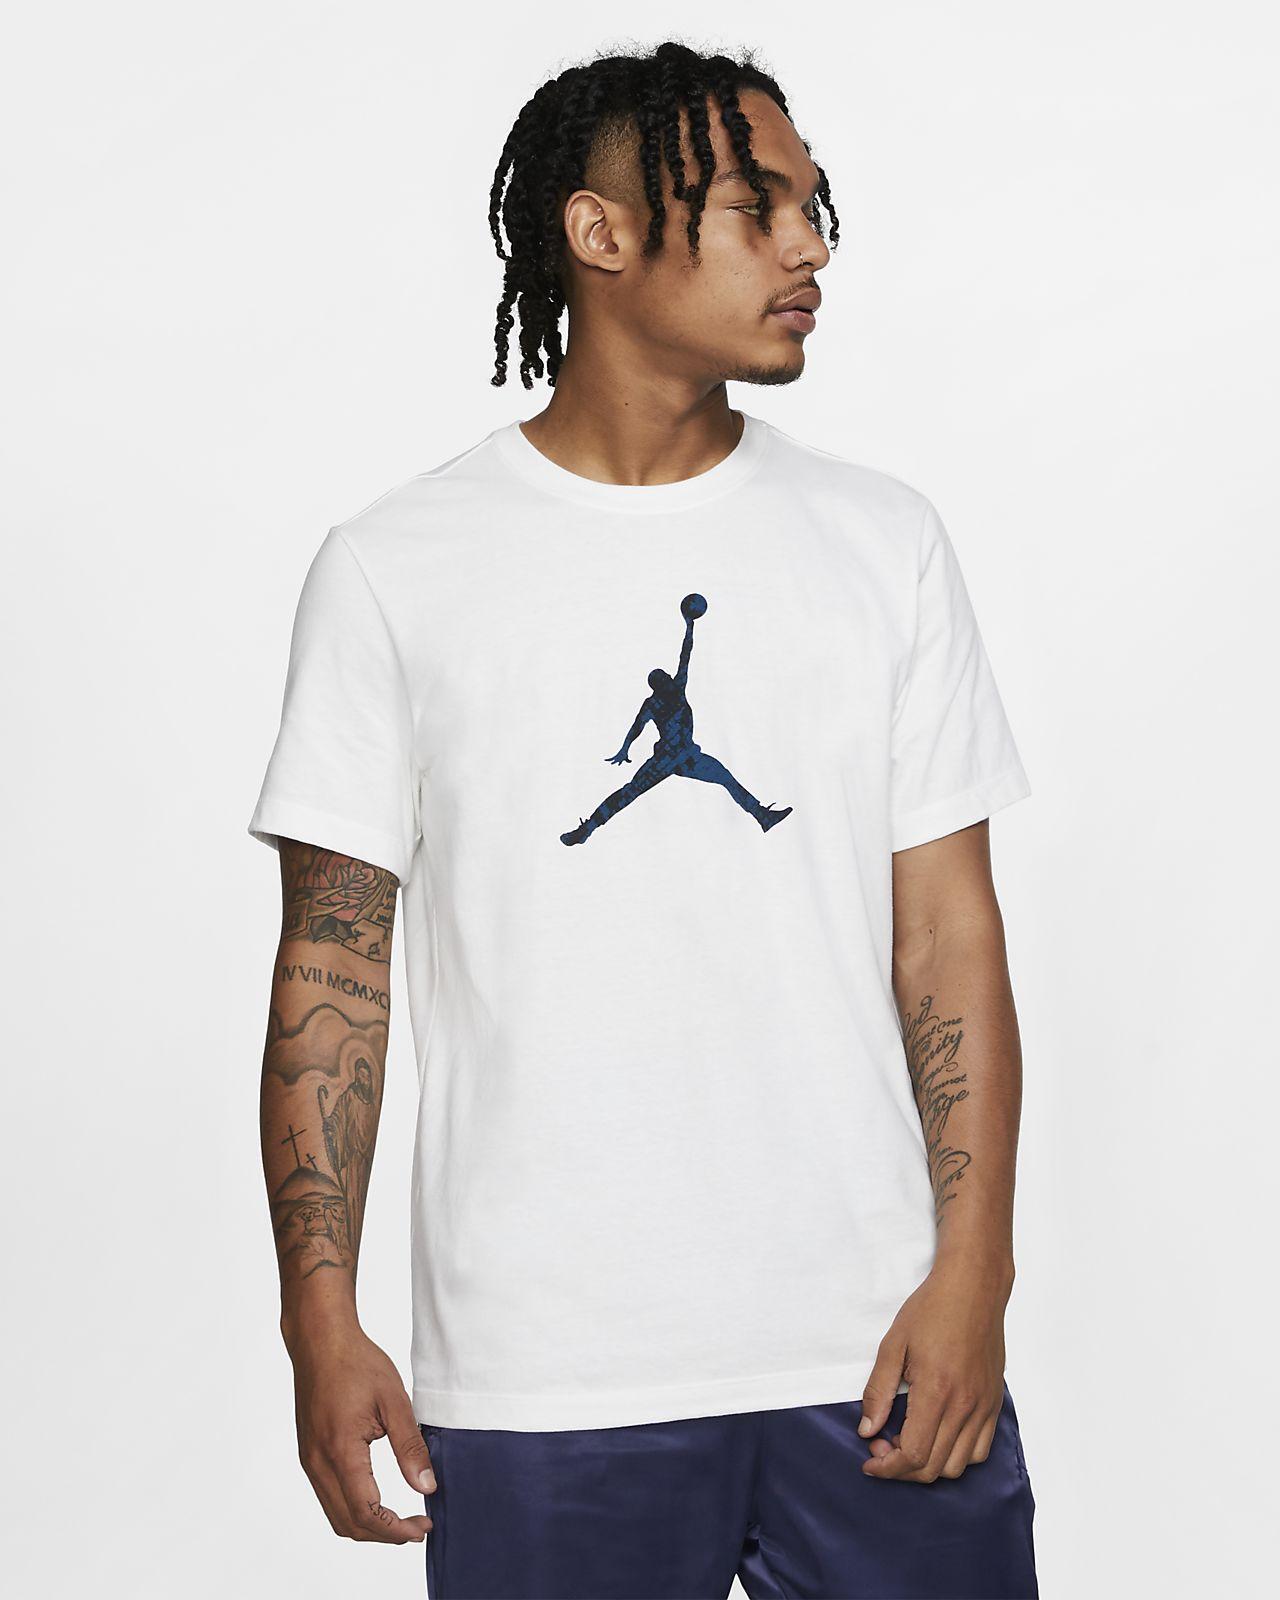 ジョーダン レガシー AJ11 スネークスキン メンズ Tシャツ